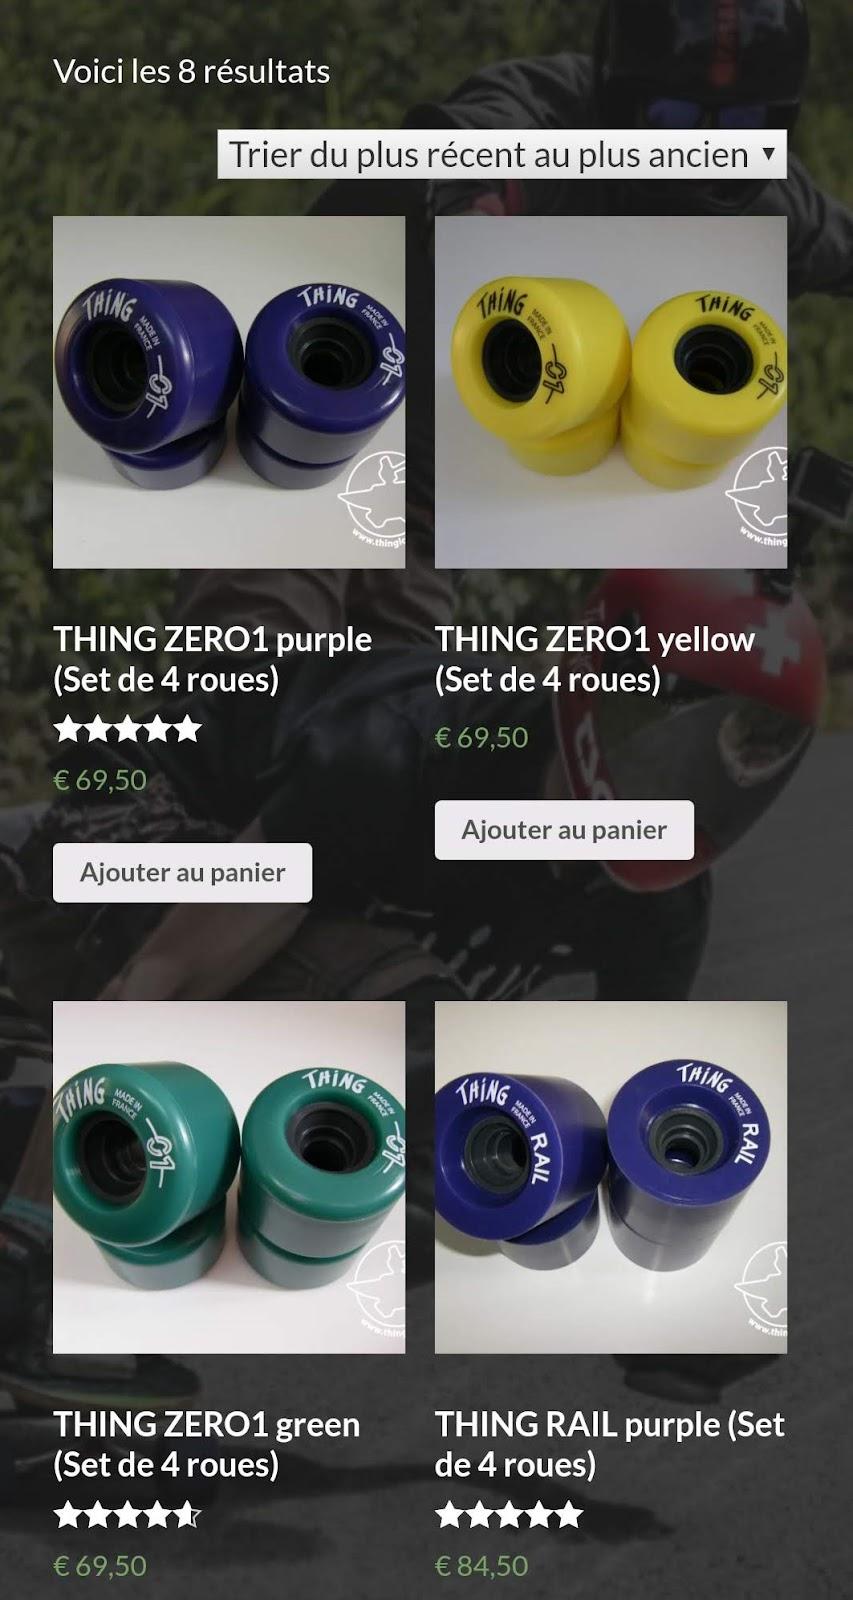 things wheel buying page screenshot